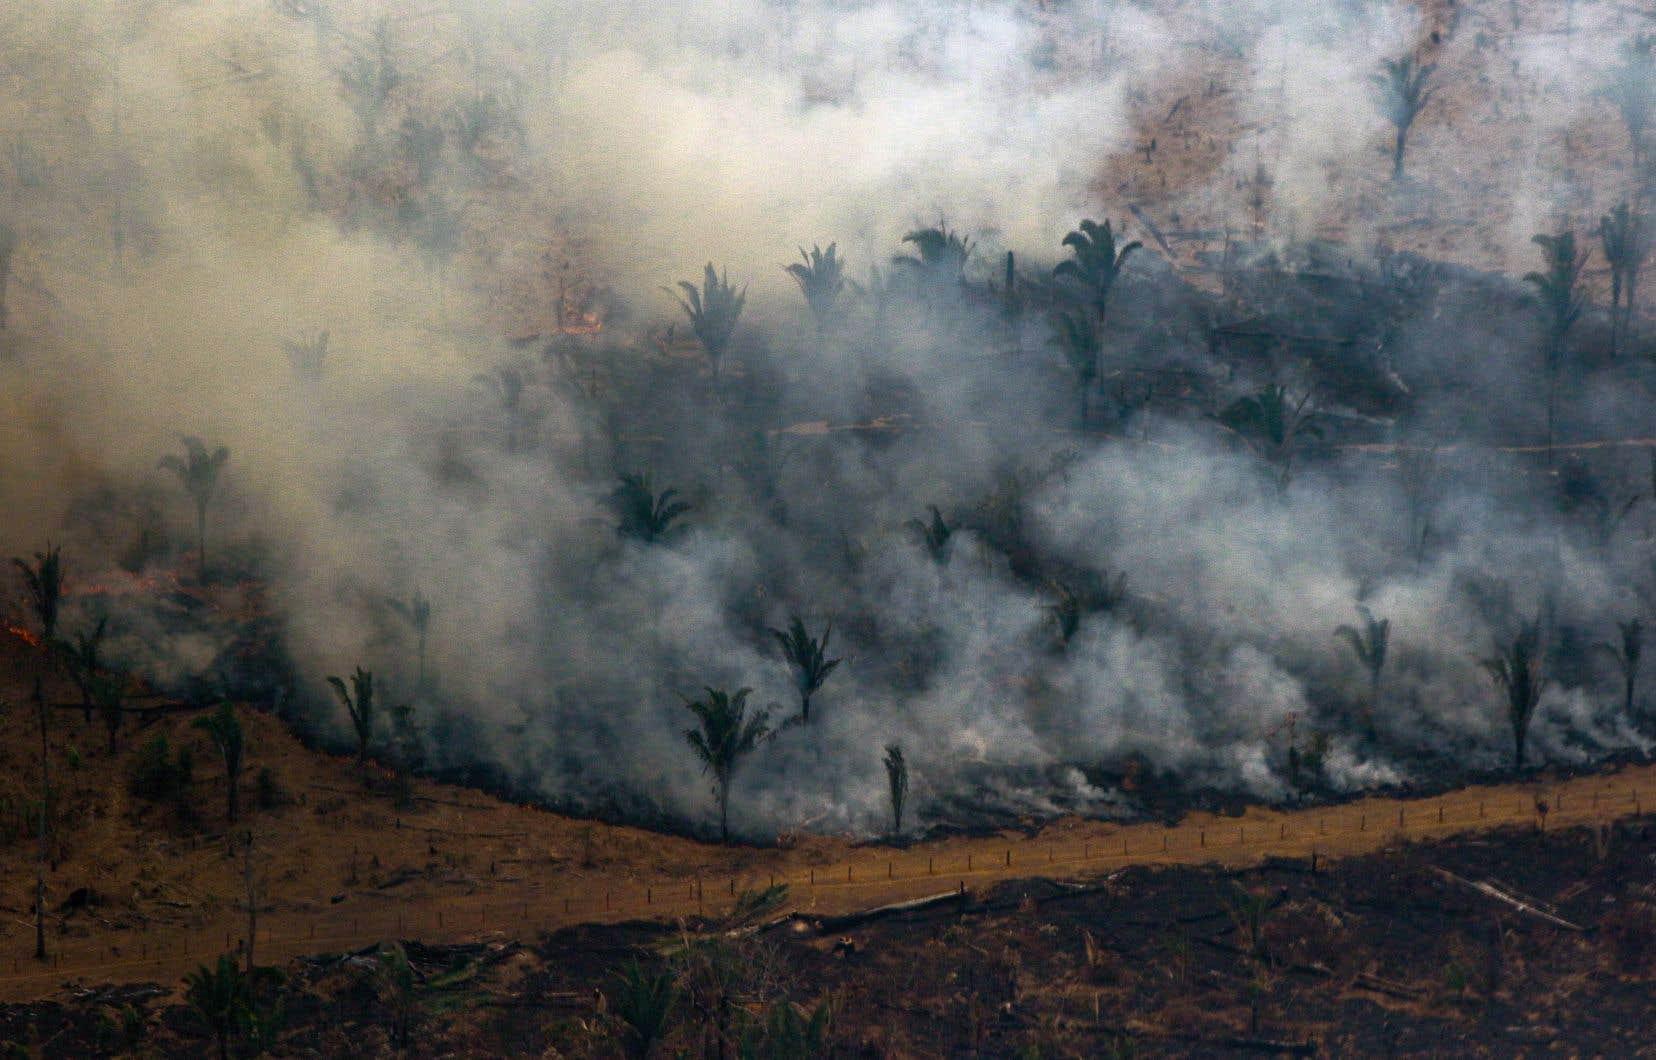 Mardi, près de 2500 hommes et une quinzaine d'avions étaient toujours mobilisés pour combattre l'ensemble des foyers d'incendie en Amazonie.